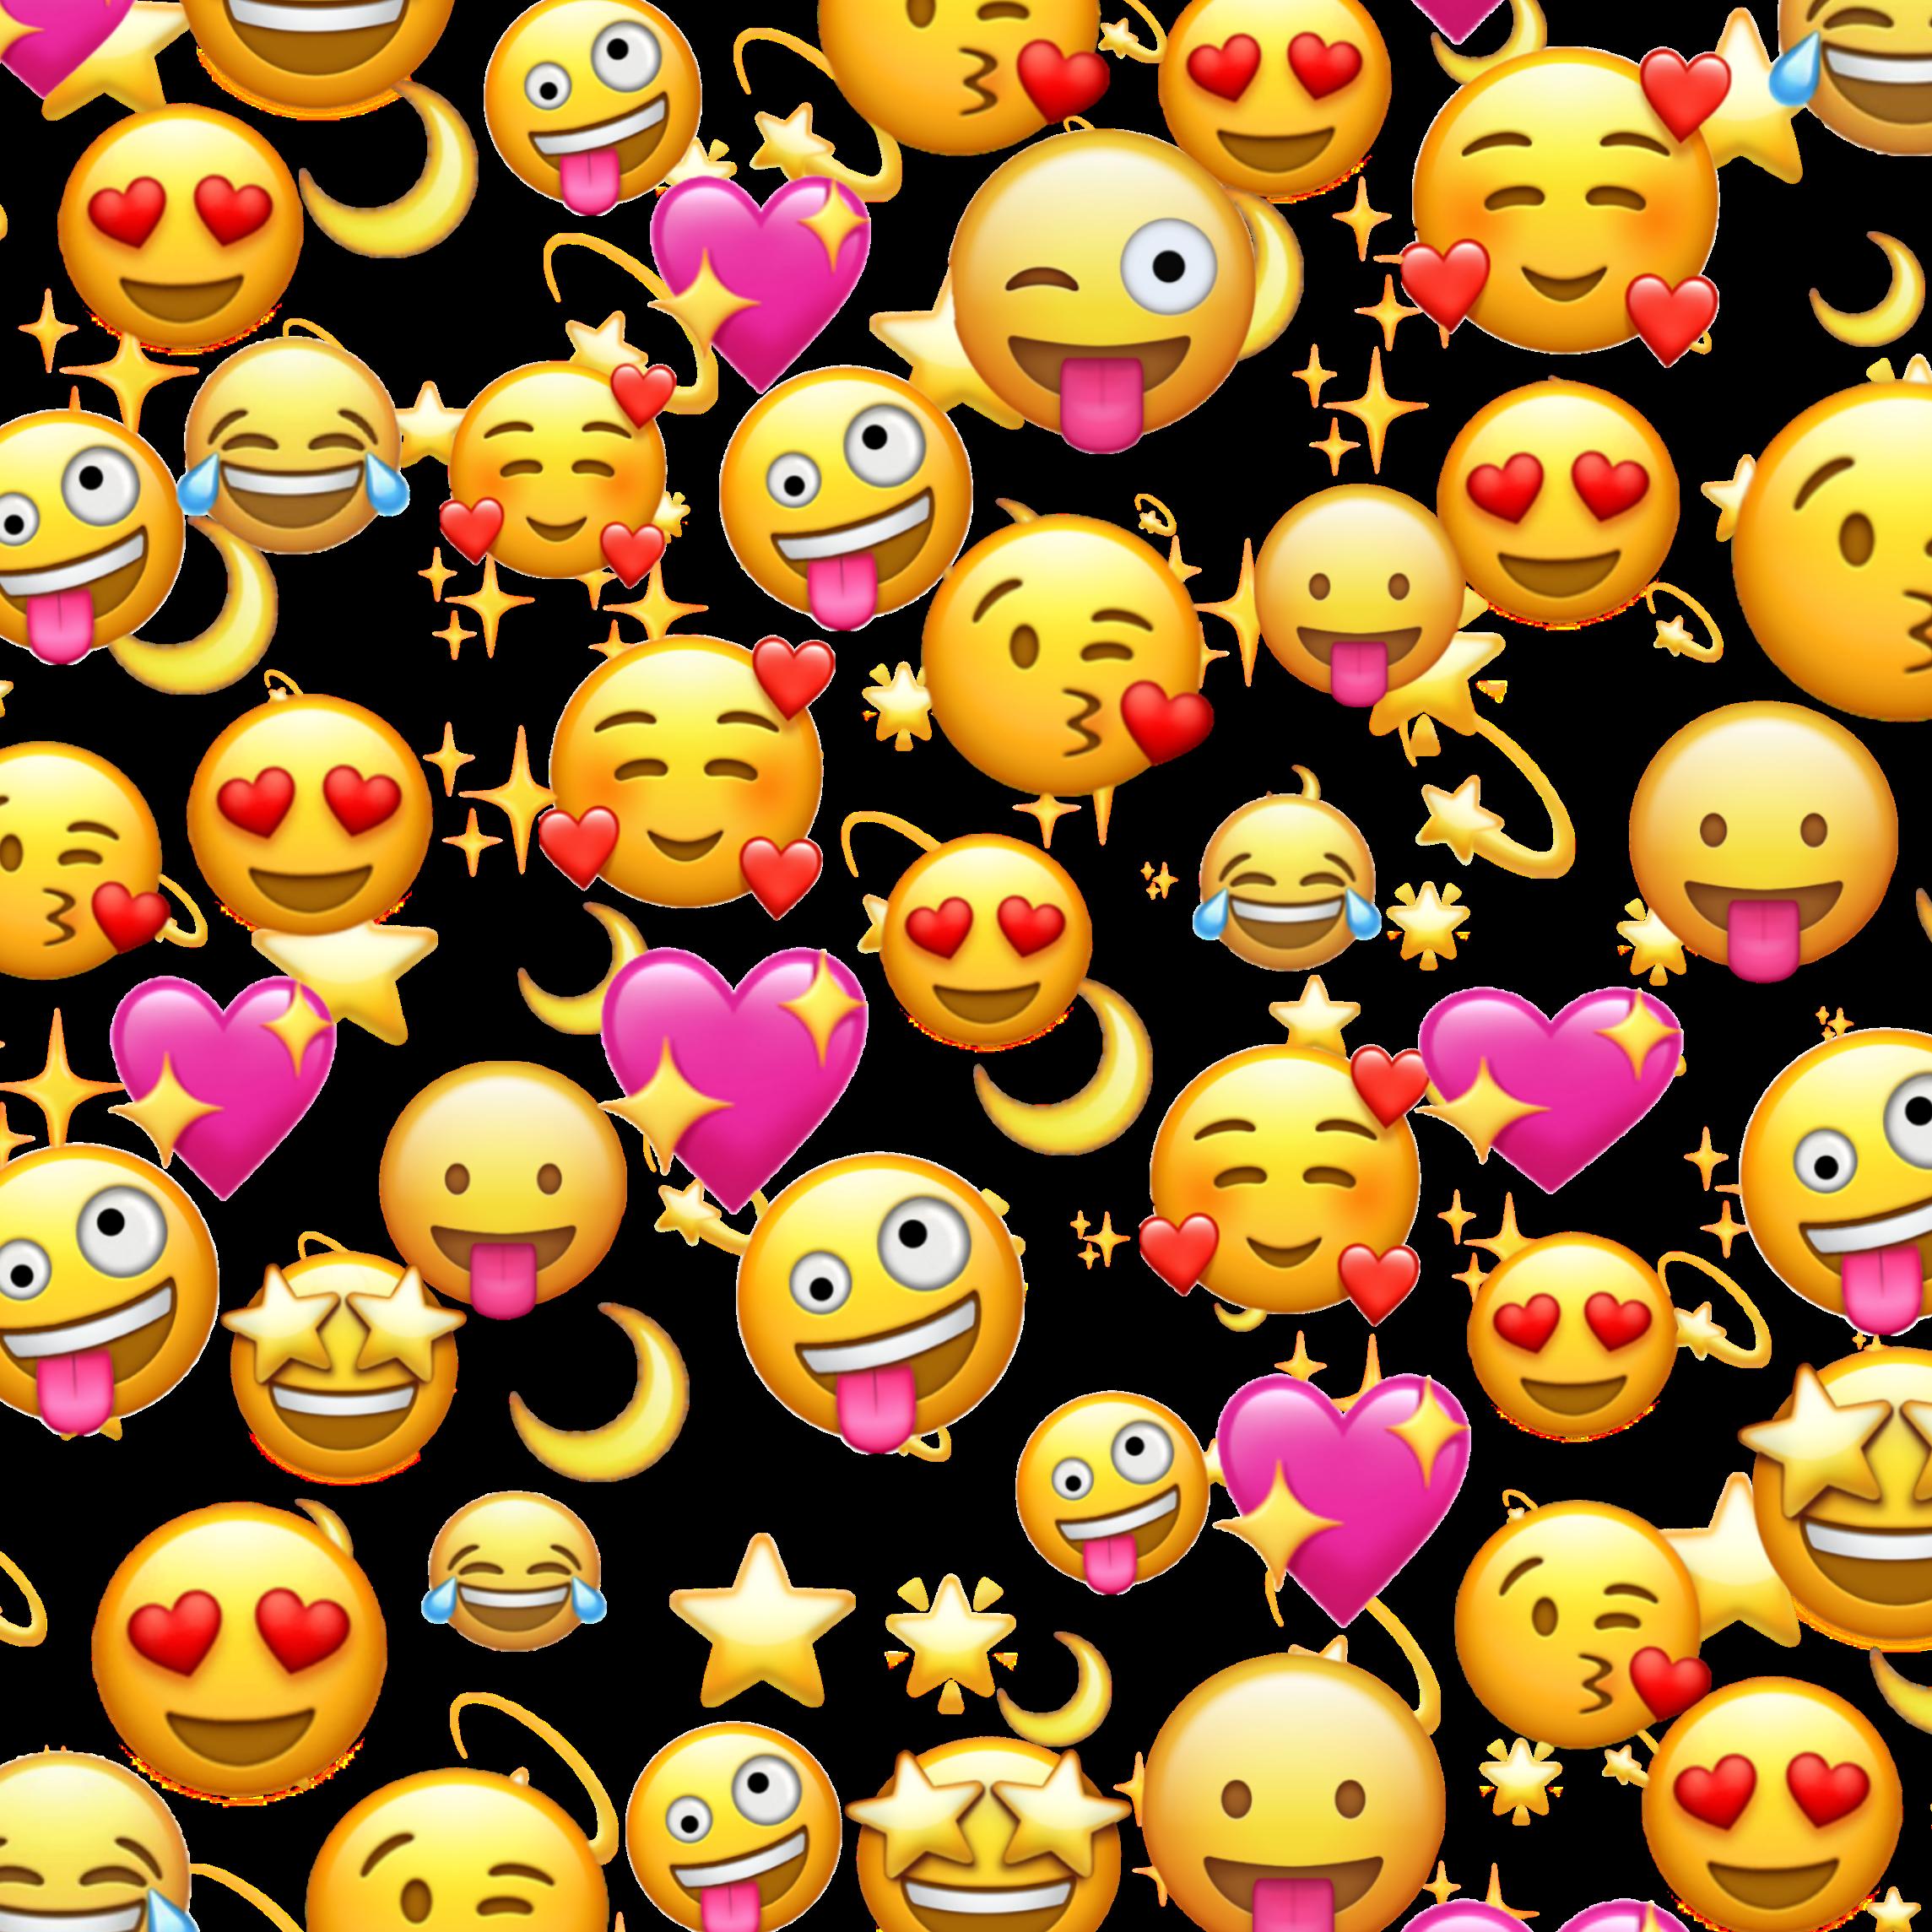 картинки из смайликов айфон